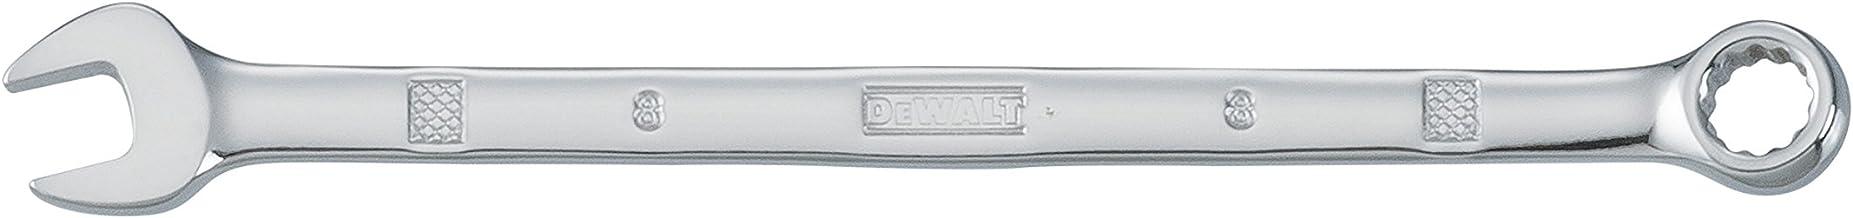 DEWALT Combination Wrench 8 MM - DWMT75198B